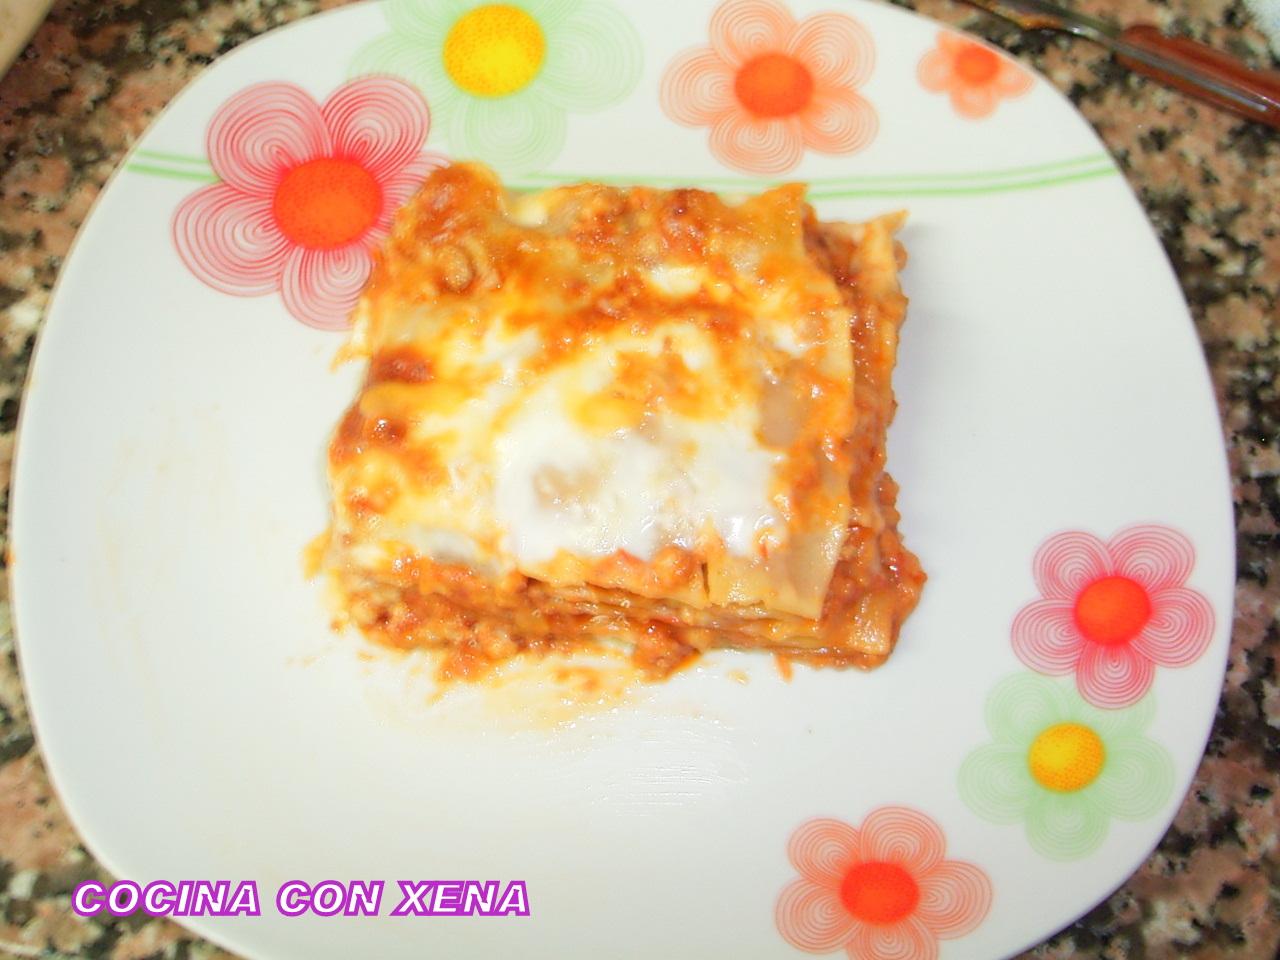 Cocina con xena lasa a con carne y pat gmd y horno - Cocina con horno ...